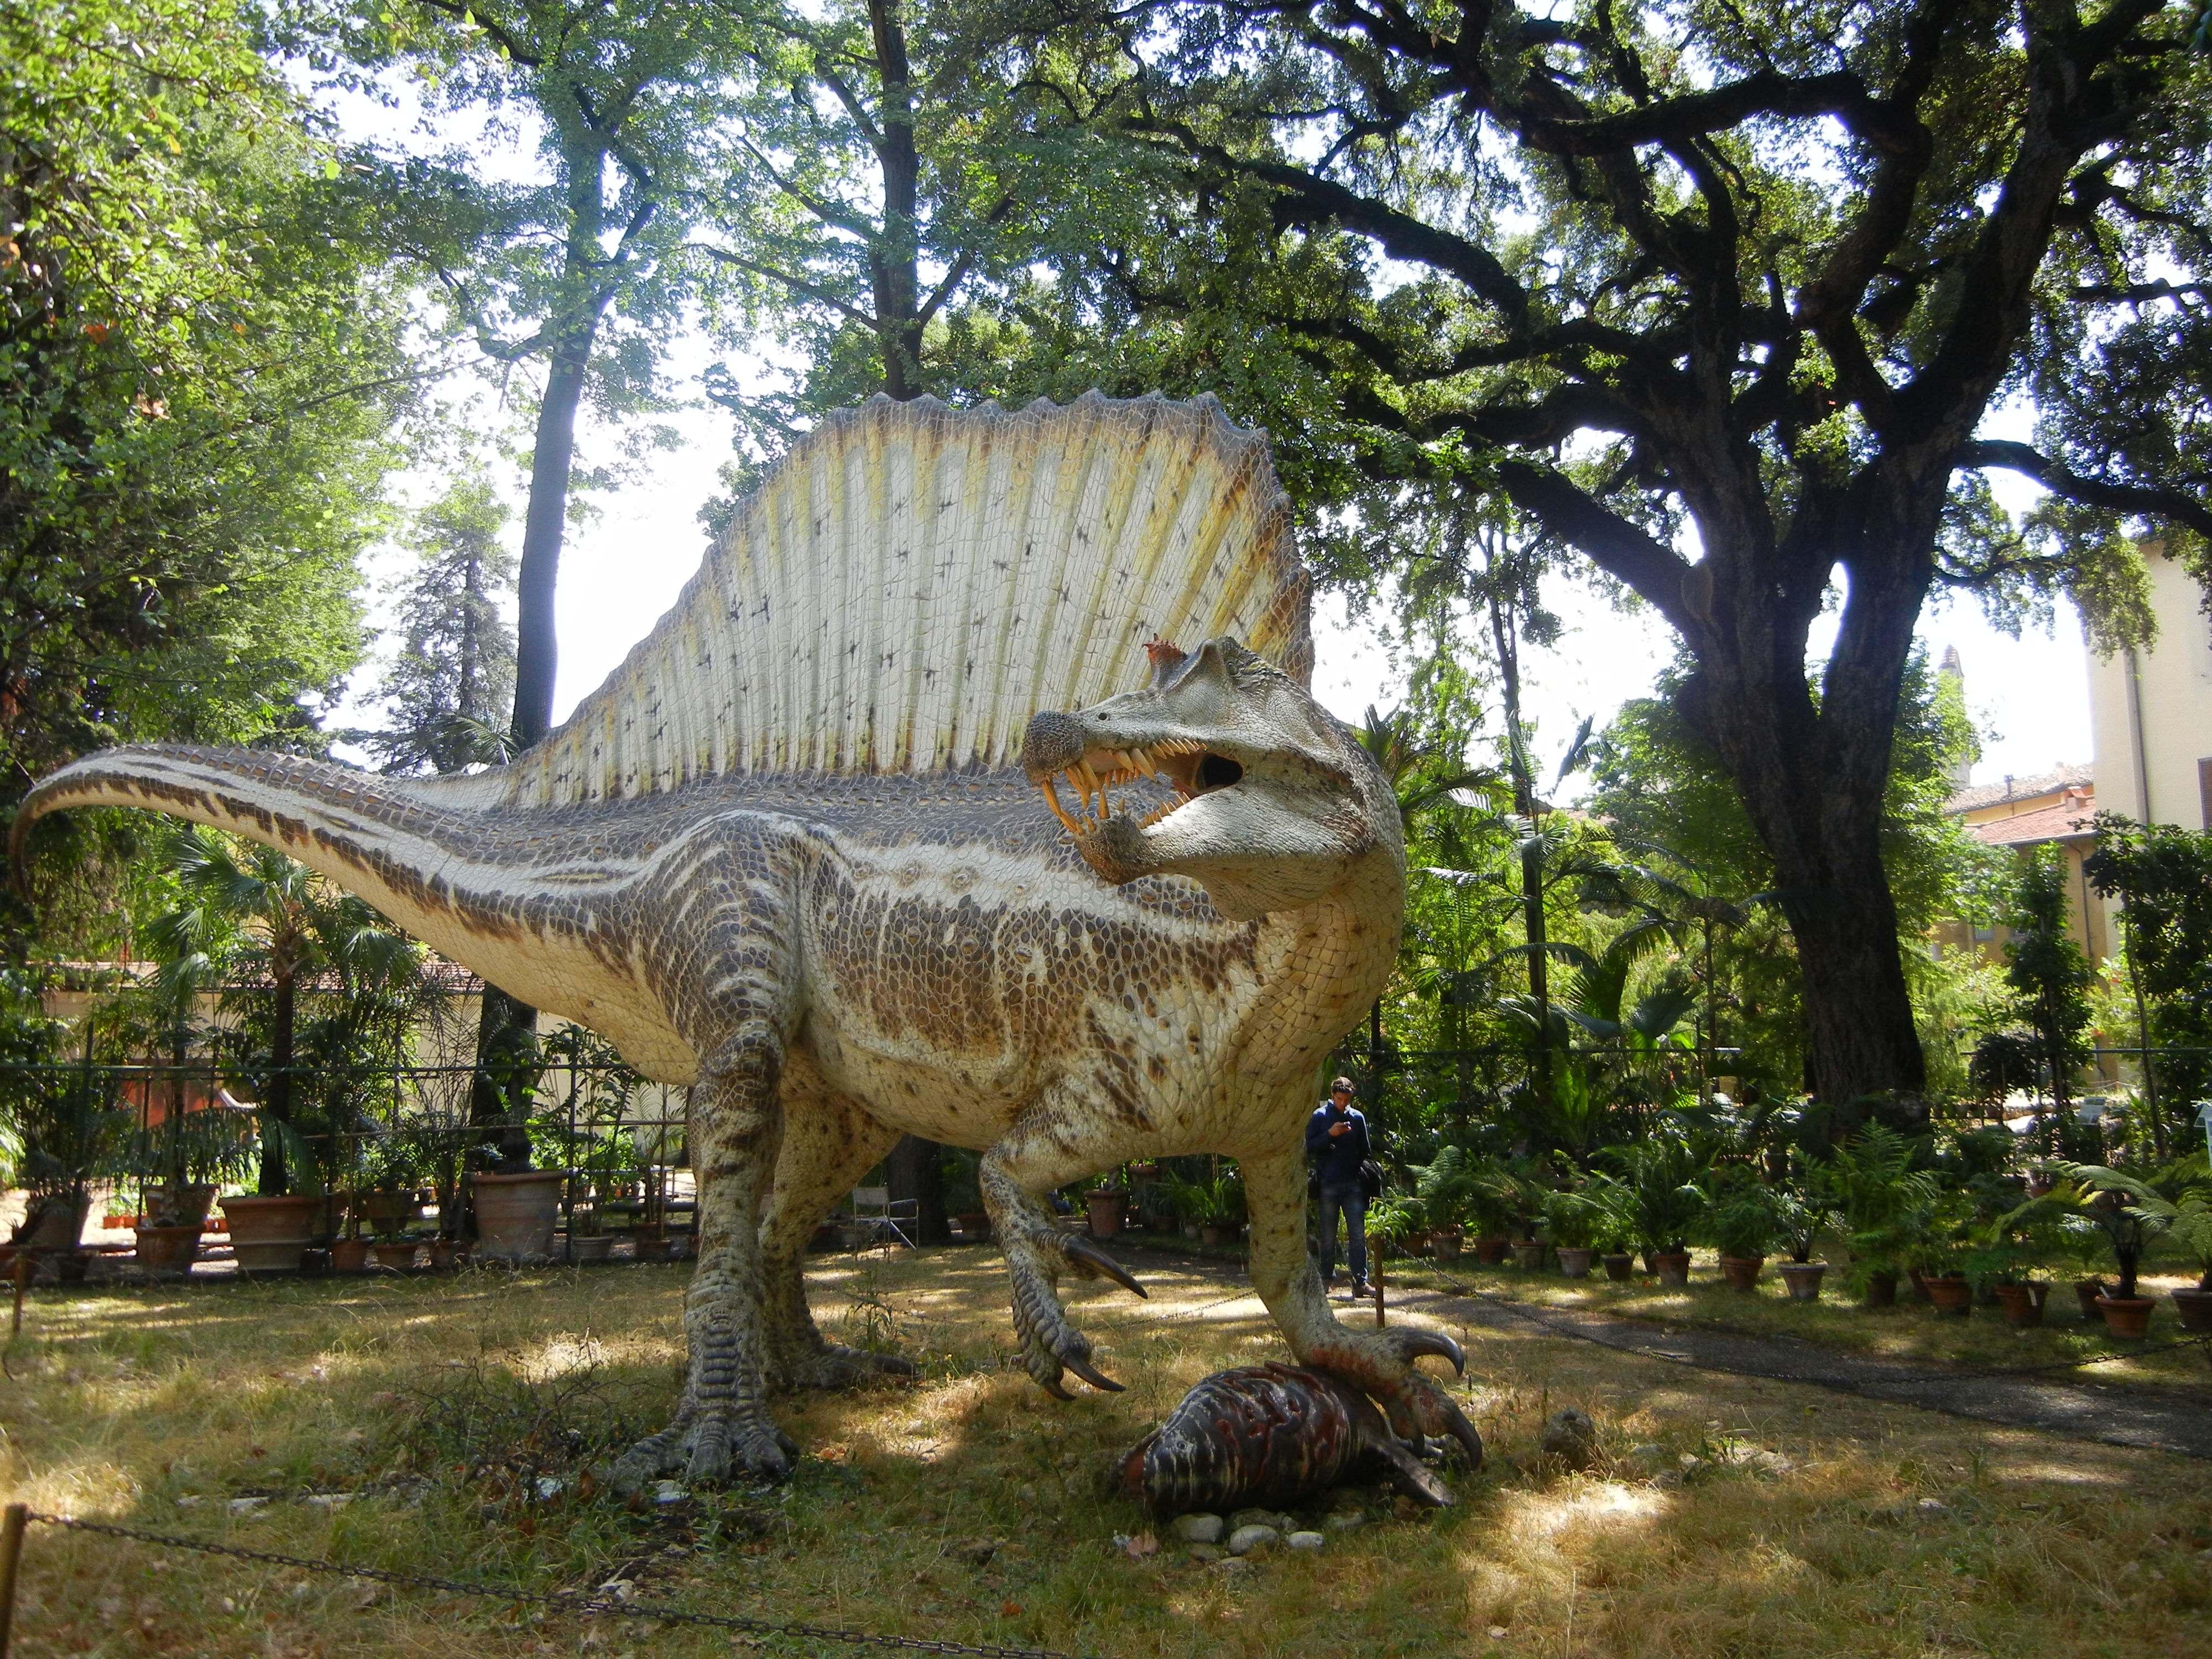 I Dinosauri Erano Inseriti Dentro Il Giardino Dei Semplici, Che è Anche  Lu0027Orto Botanico Di Firenze, Il Terzo Più Antico Al Mondo, Fondato Nella  Seconda Metà ...